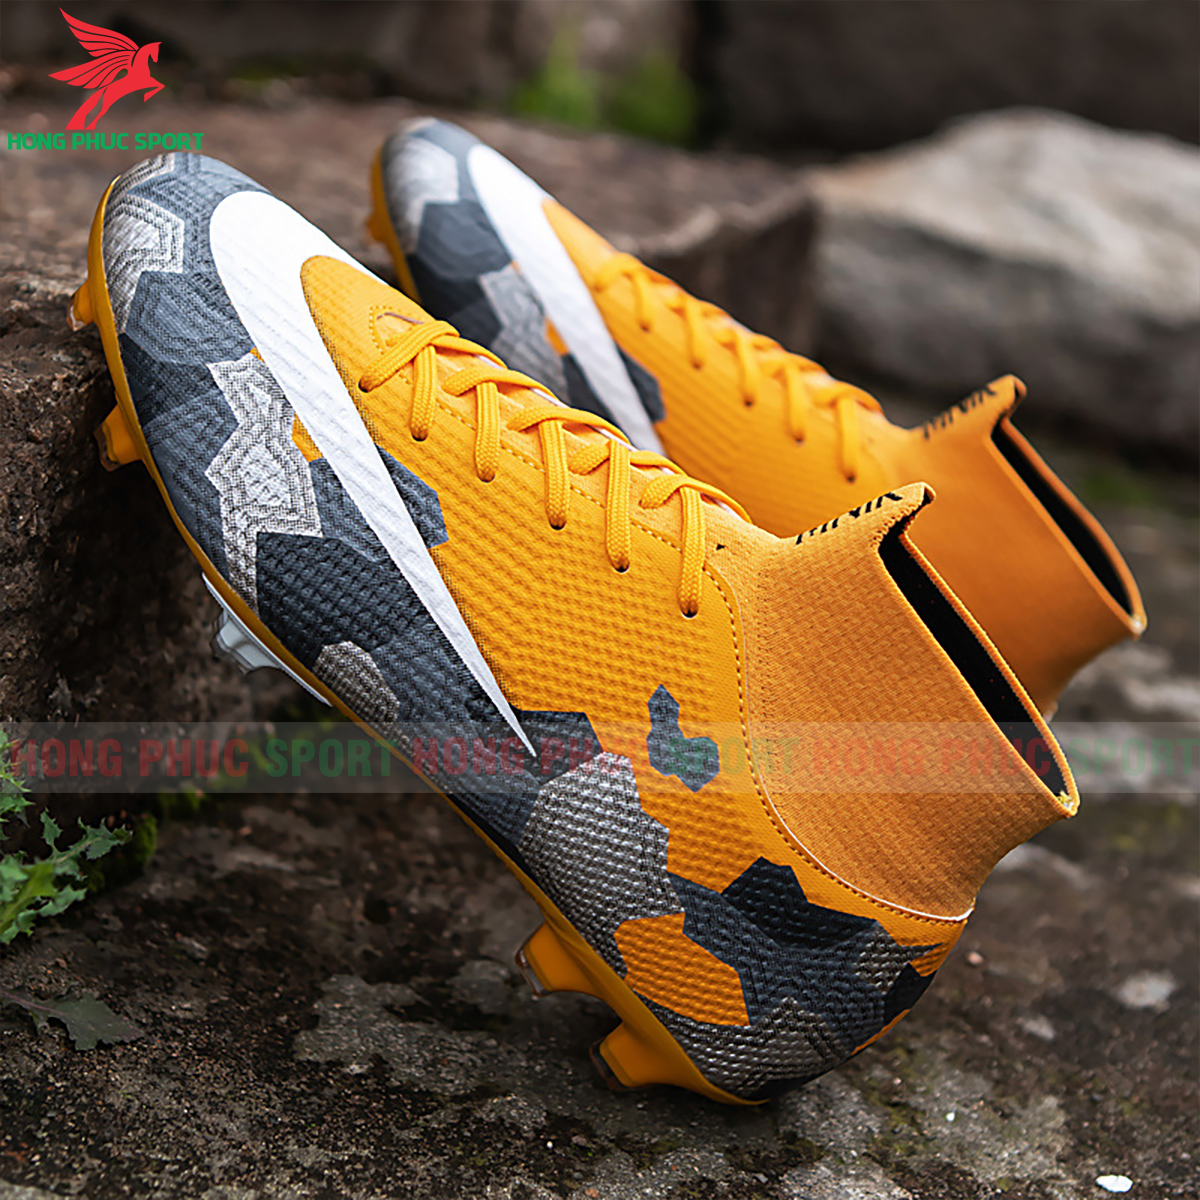 Giày đá banh Superfly VII Mbappe V2 2020 FG mẫu 1 màu vàng (2)